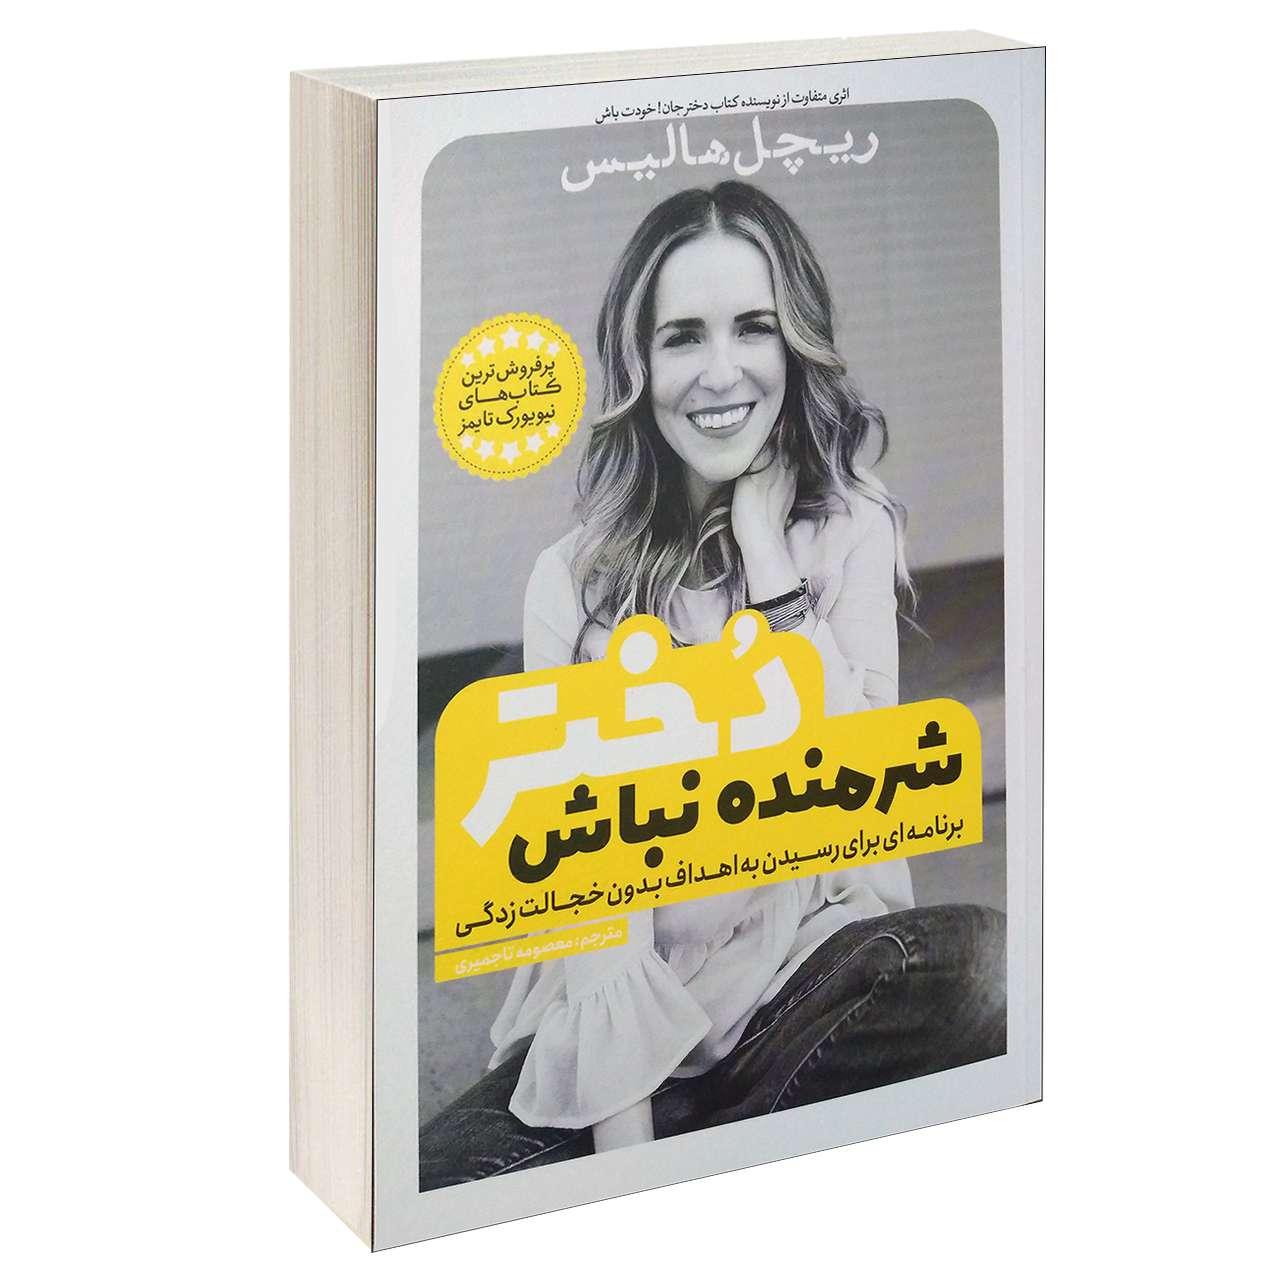 کتاب شرمنده نباش دختر اثر ریچل هالیس انتشارات یوشیتا              پرفروش